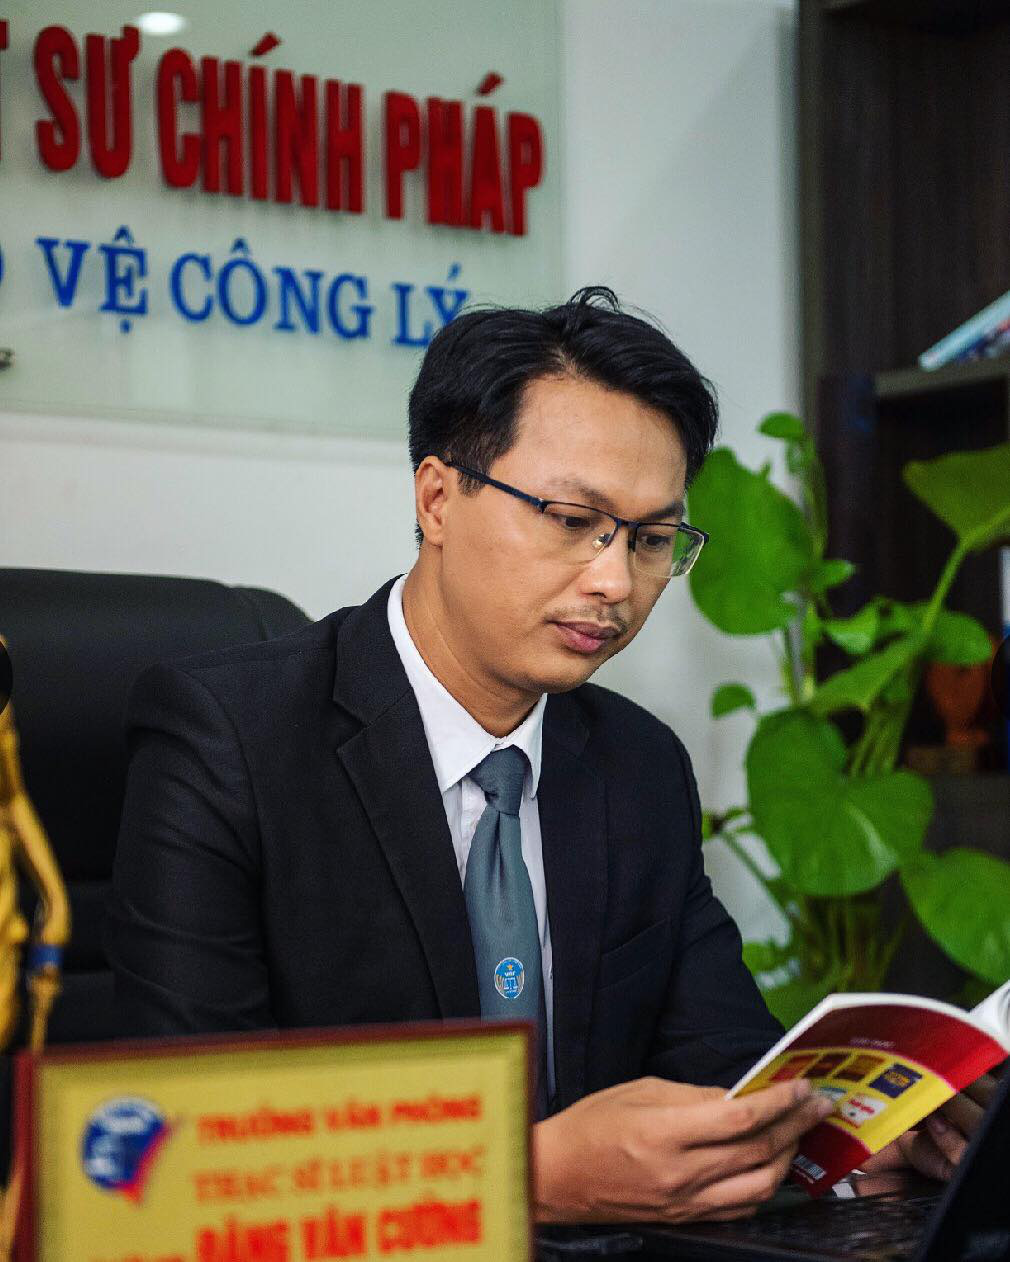 Bị đề nghị truy tố, ông Nguyễn Đức Chung có thể đối mặt với hình phạt nào? - Ảnh 3.